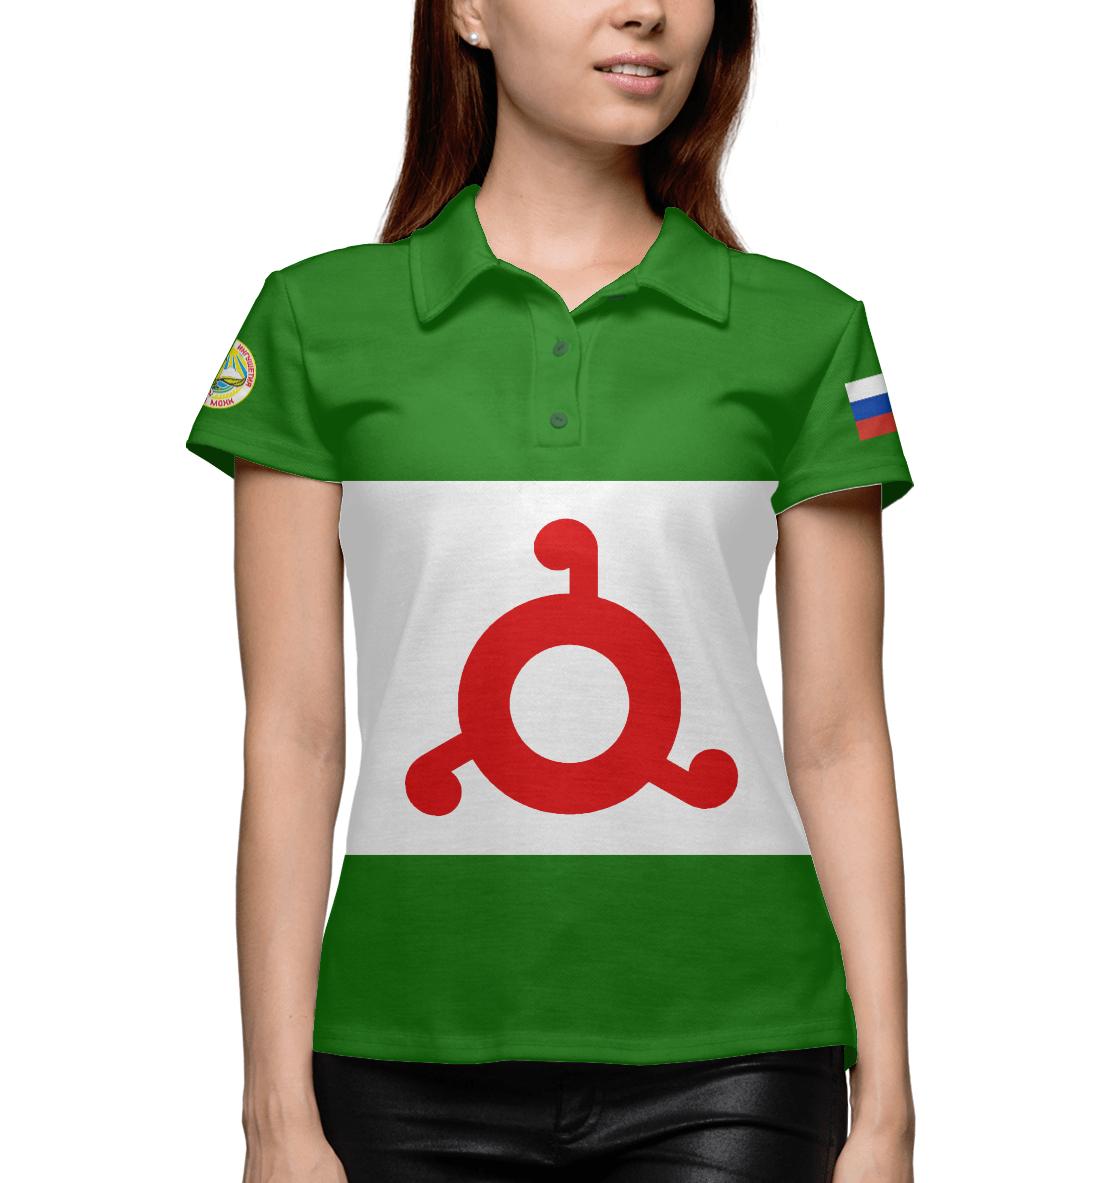 ингушский флаг фотографии дисплей неплохая